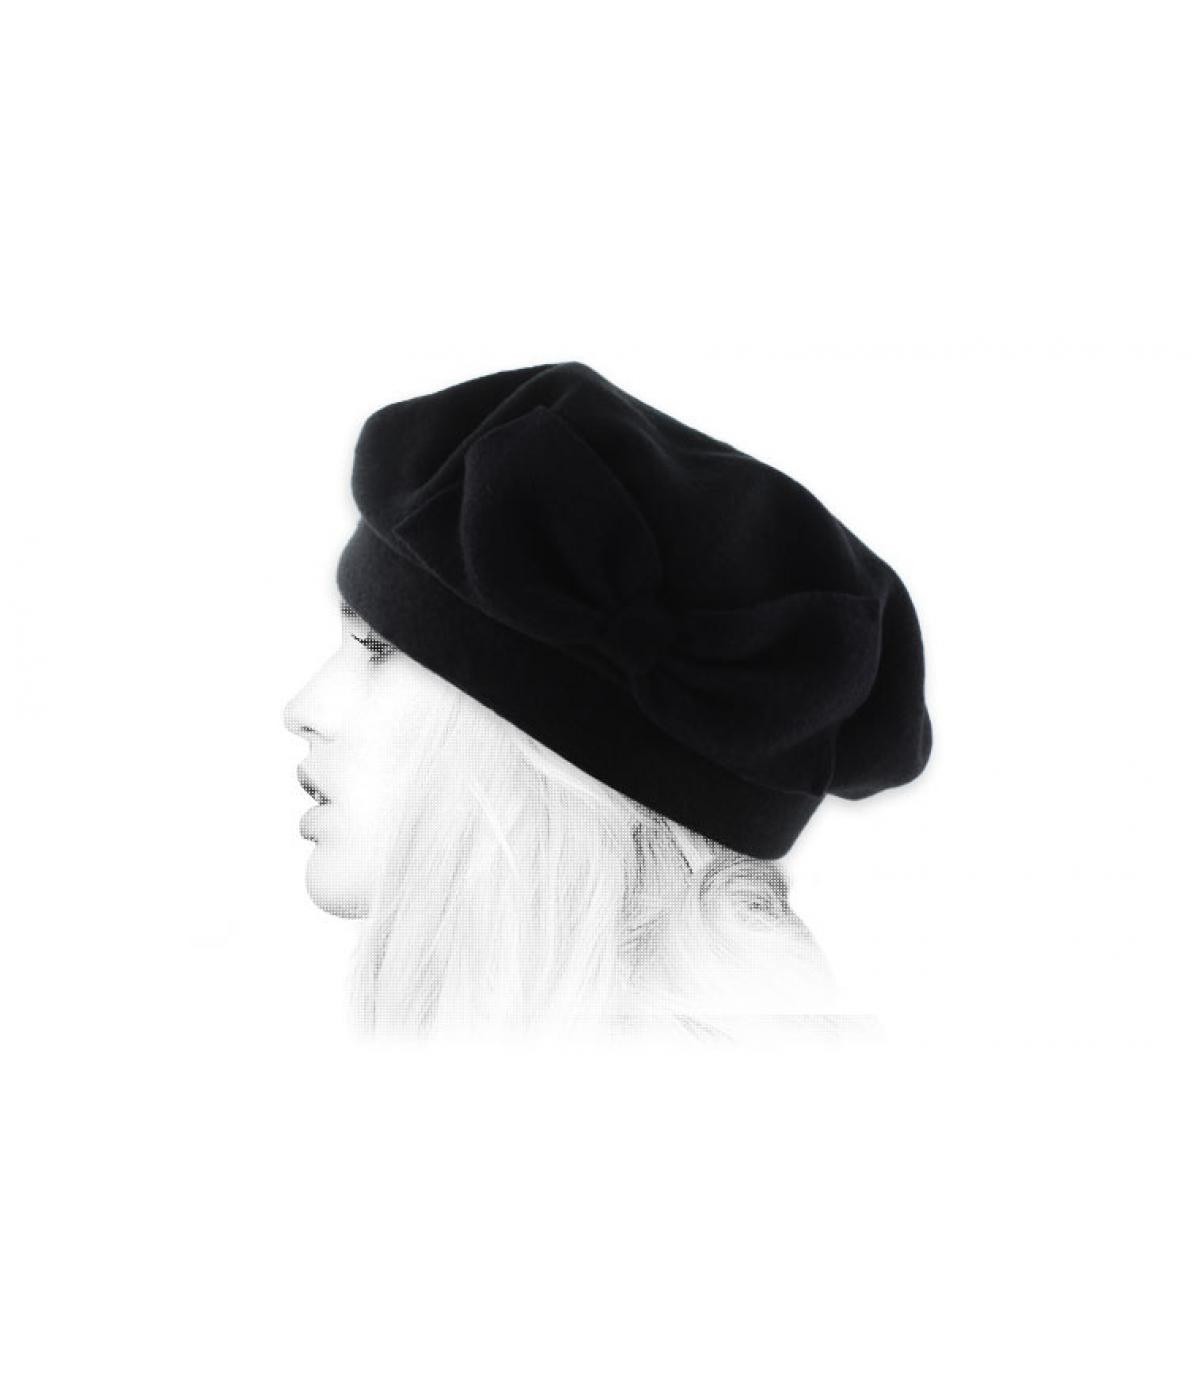 berretto nero nodo Laulhère